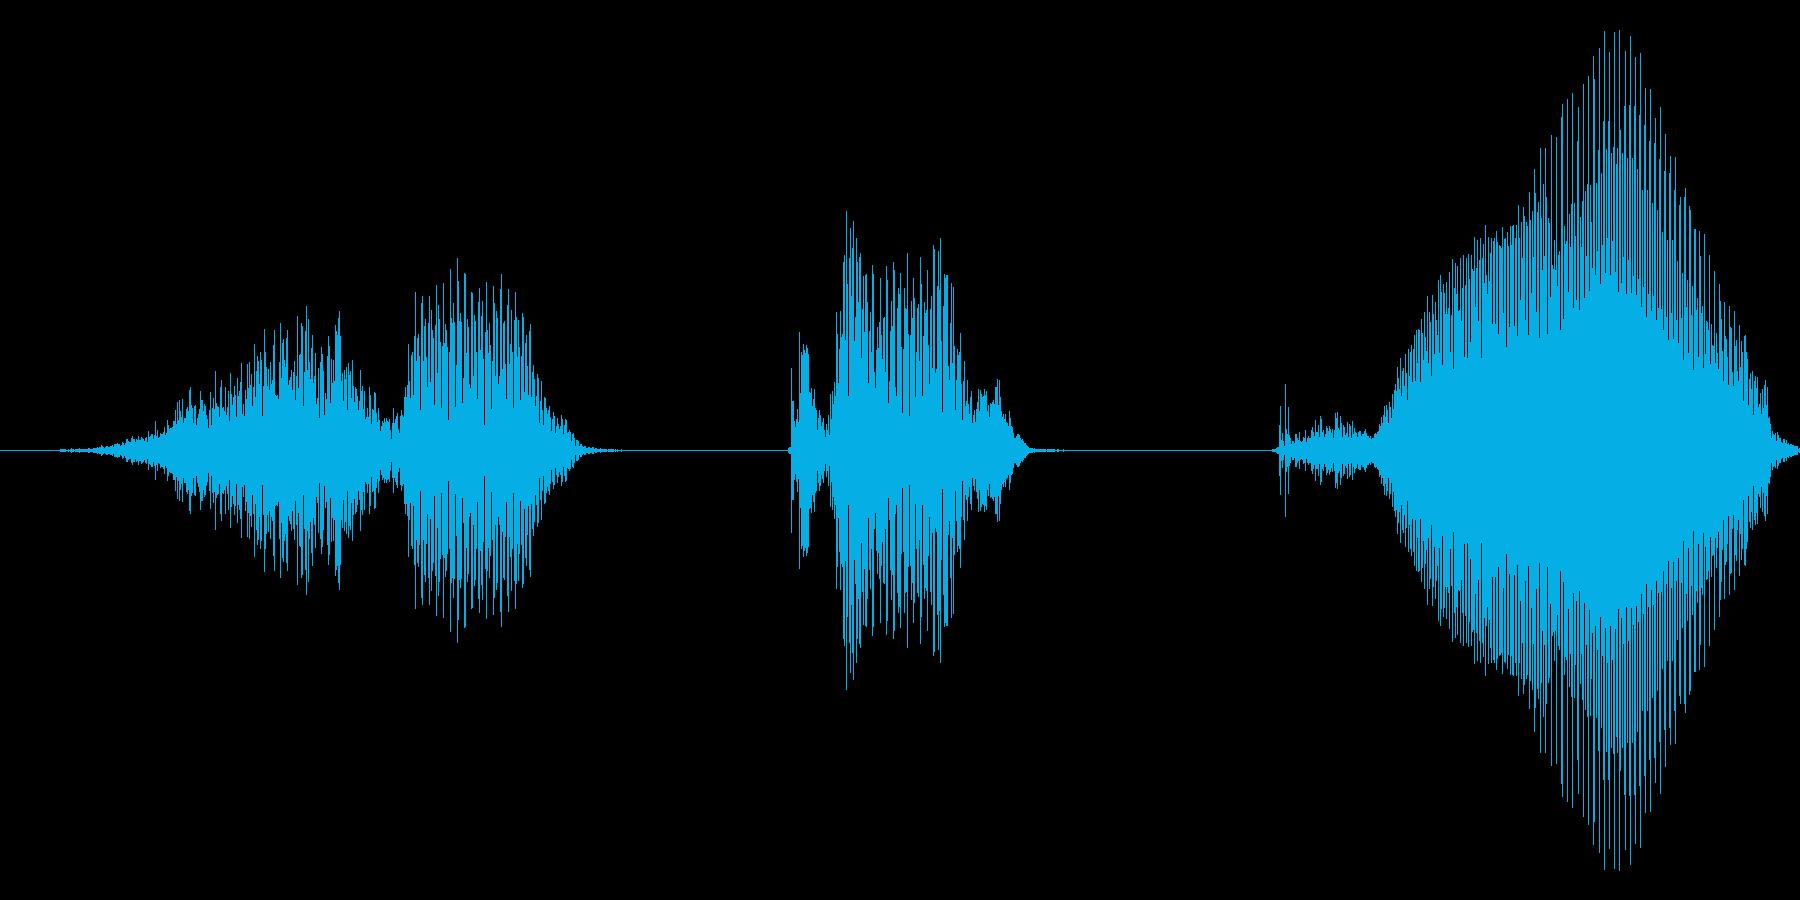 すてき!2【ロリキャラの褒めボイス】の再生済みの波形